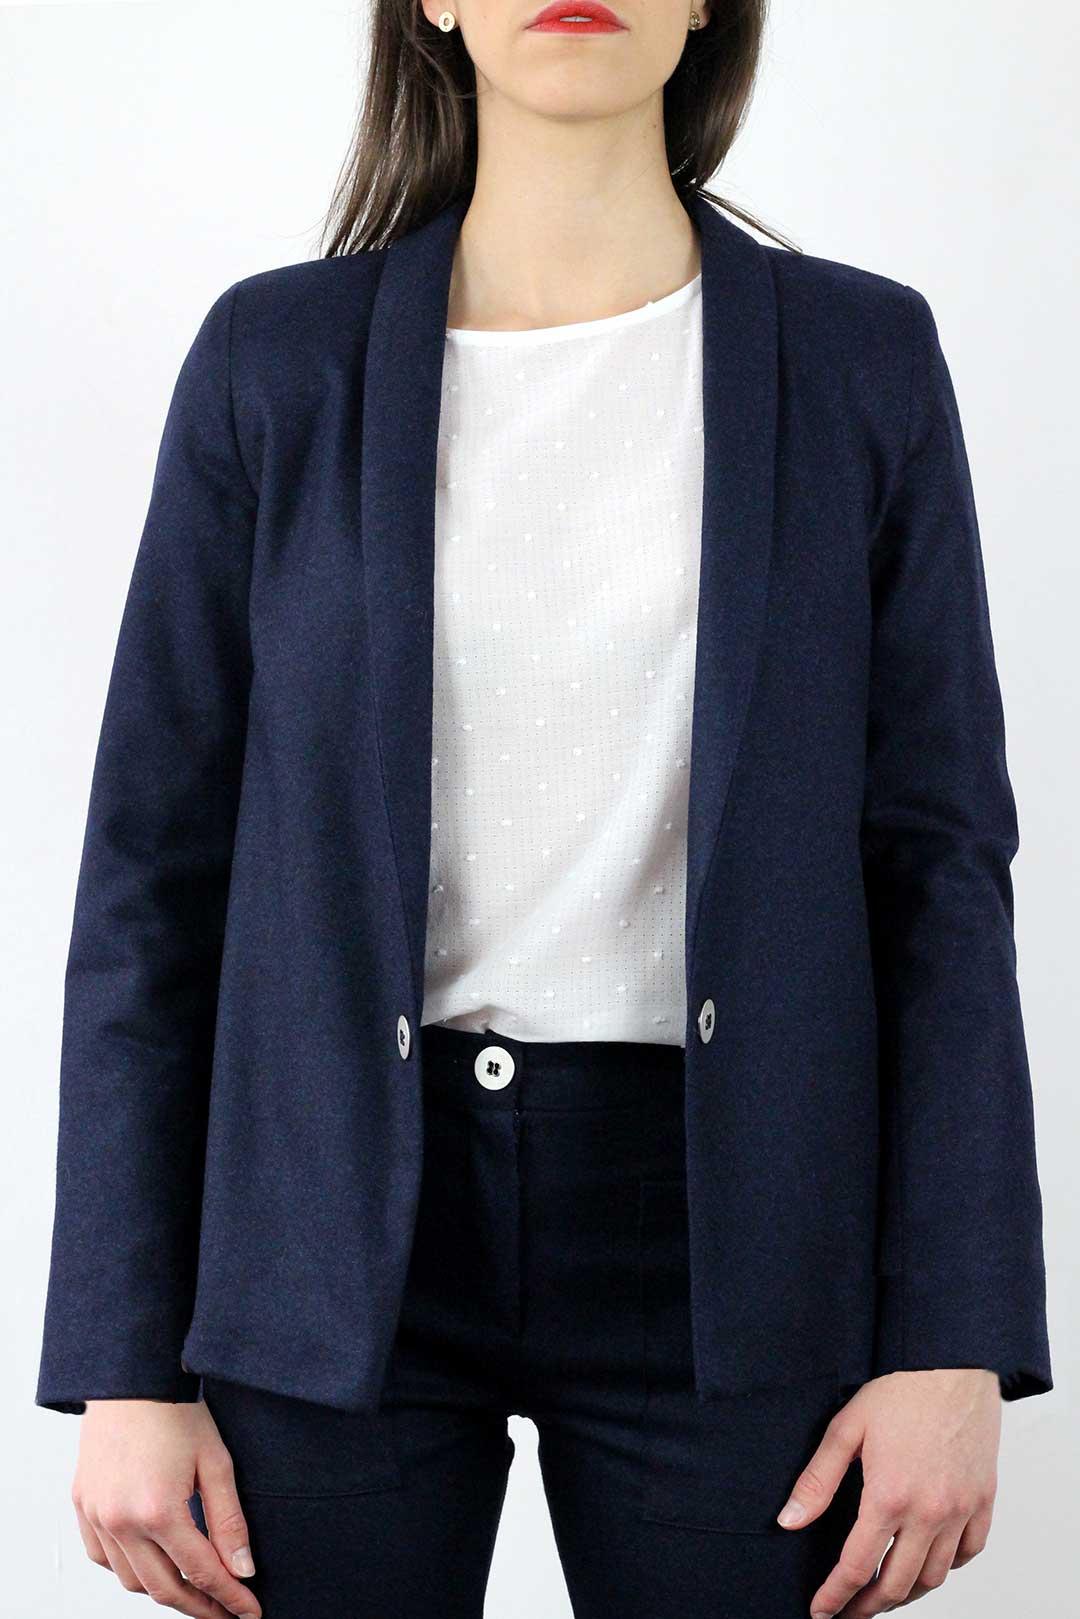 atode veste tailleur bleu marine femme en laine flanelle made in france. Black Bedroom Furniture Sets. Home Design Ideas